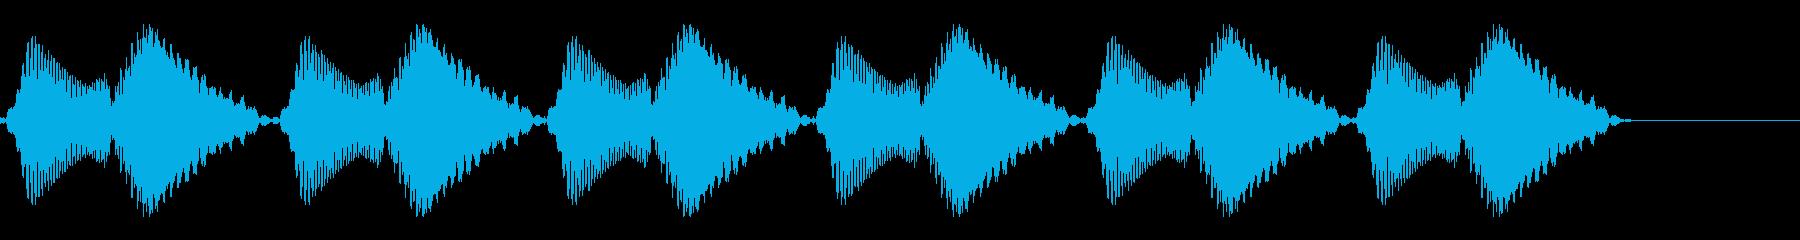 ブブブブブブ(携帯・スマホのバイブ音)の再生済みの波形